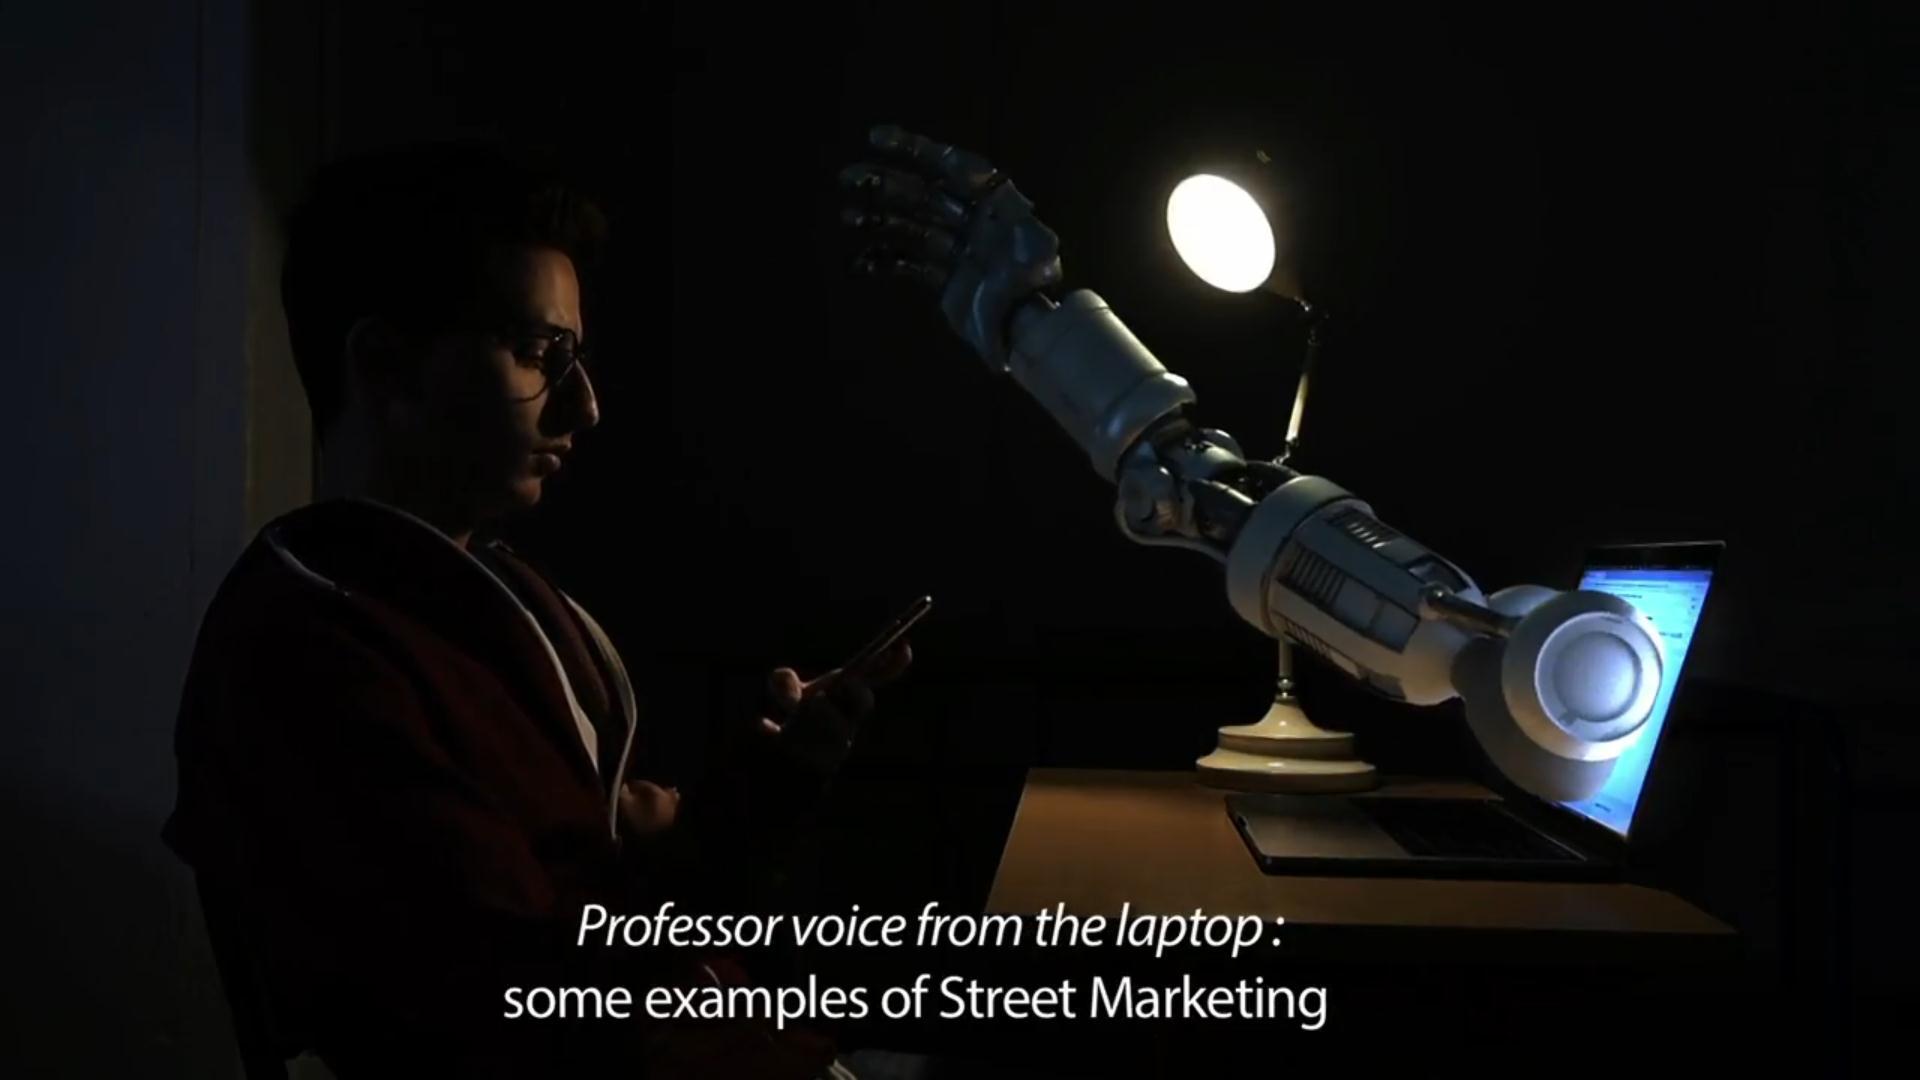 [视频]科技雷不撕:不认真听讲?面部识别技术帮忙